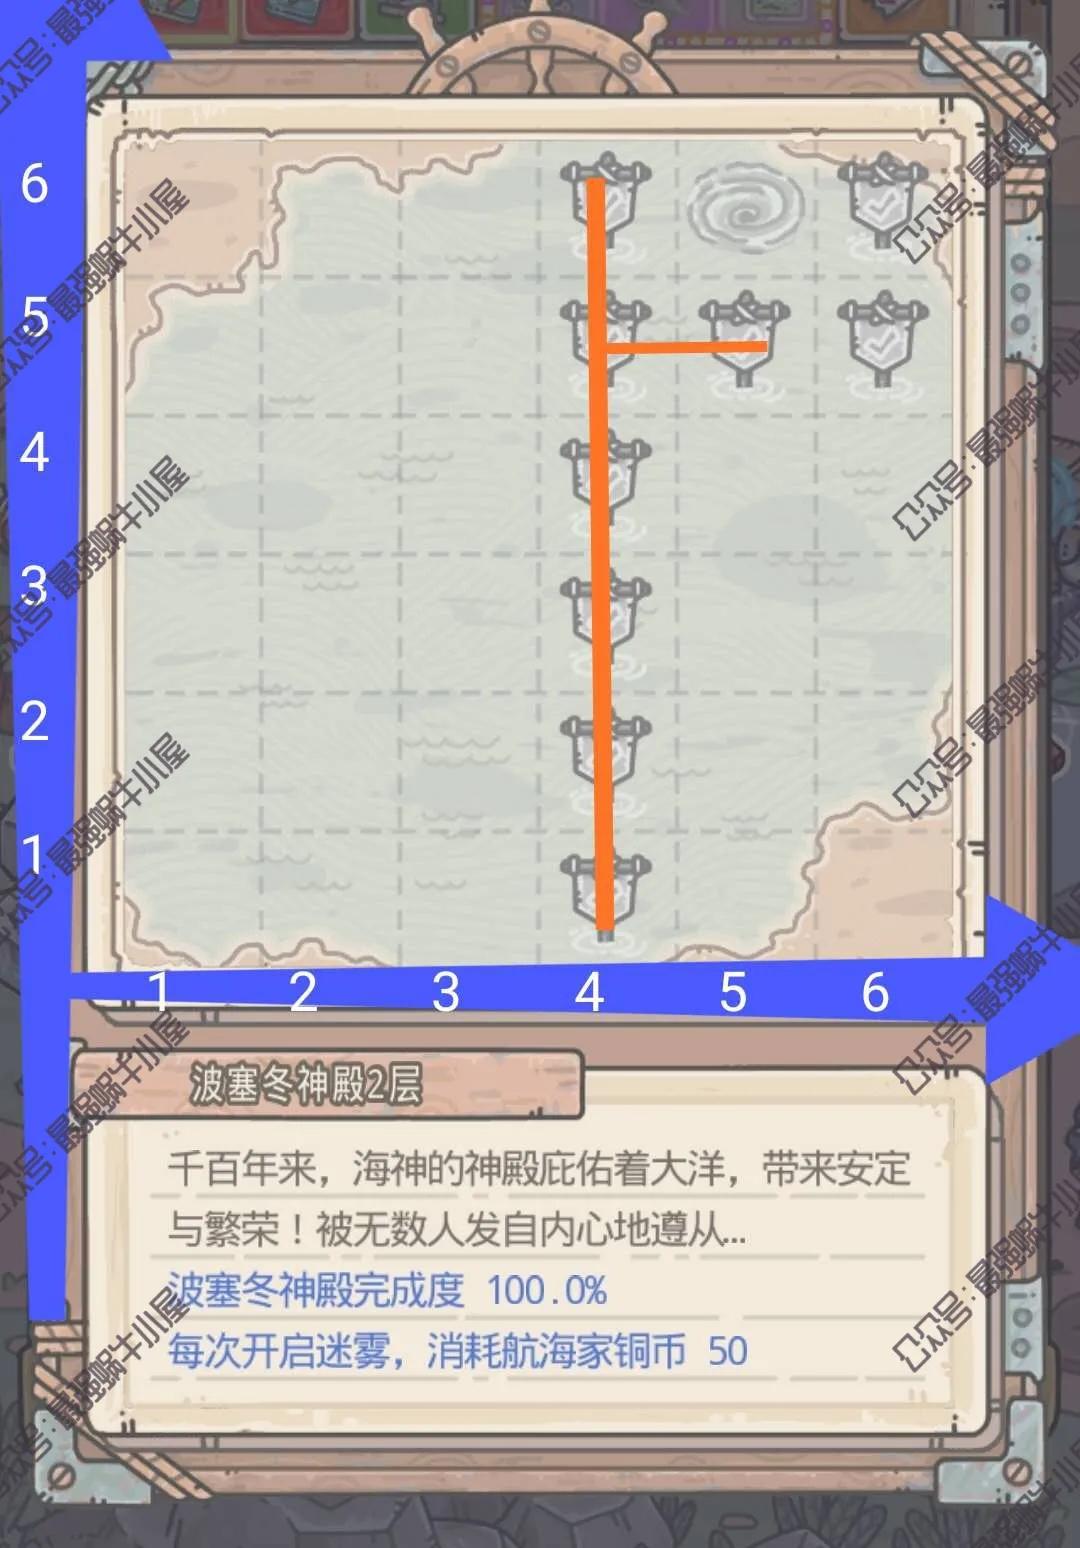 最强蜗牛波塞冬神殿怎么通关 波塞冬神殿通关全攻略